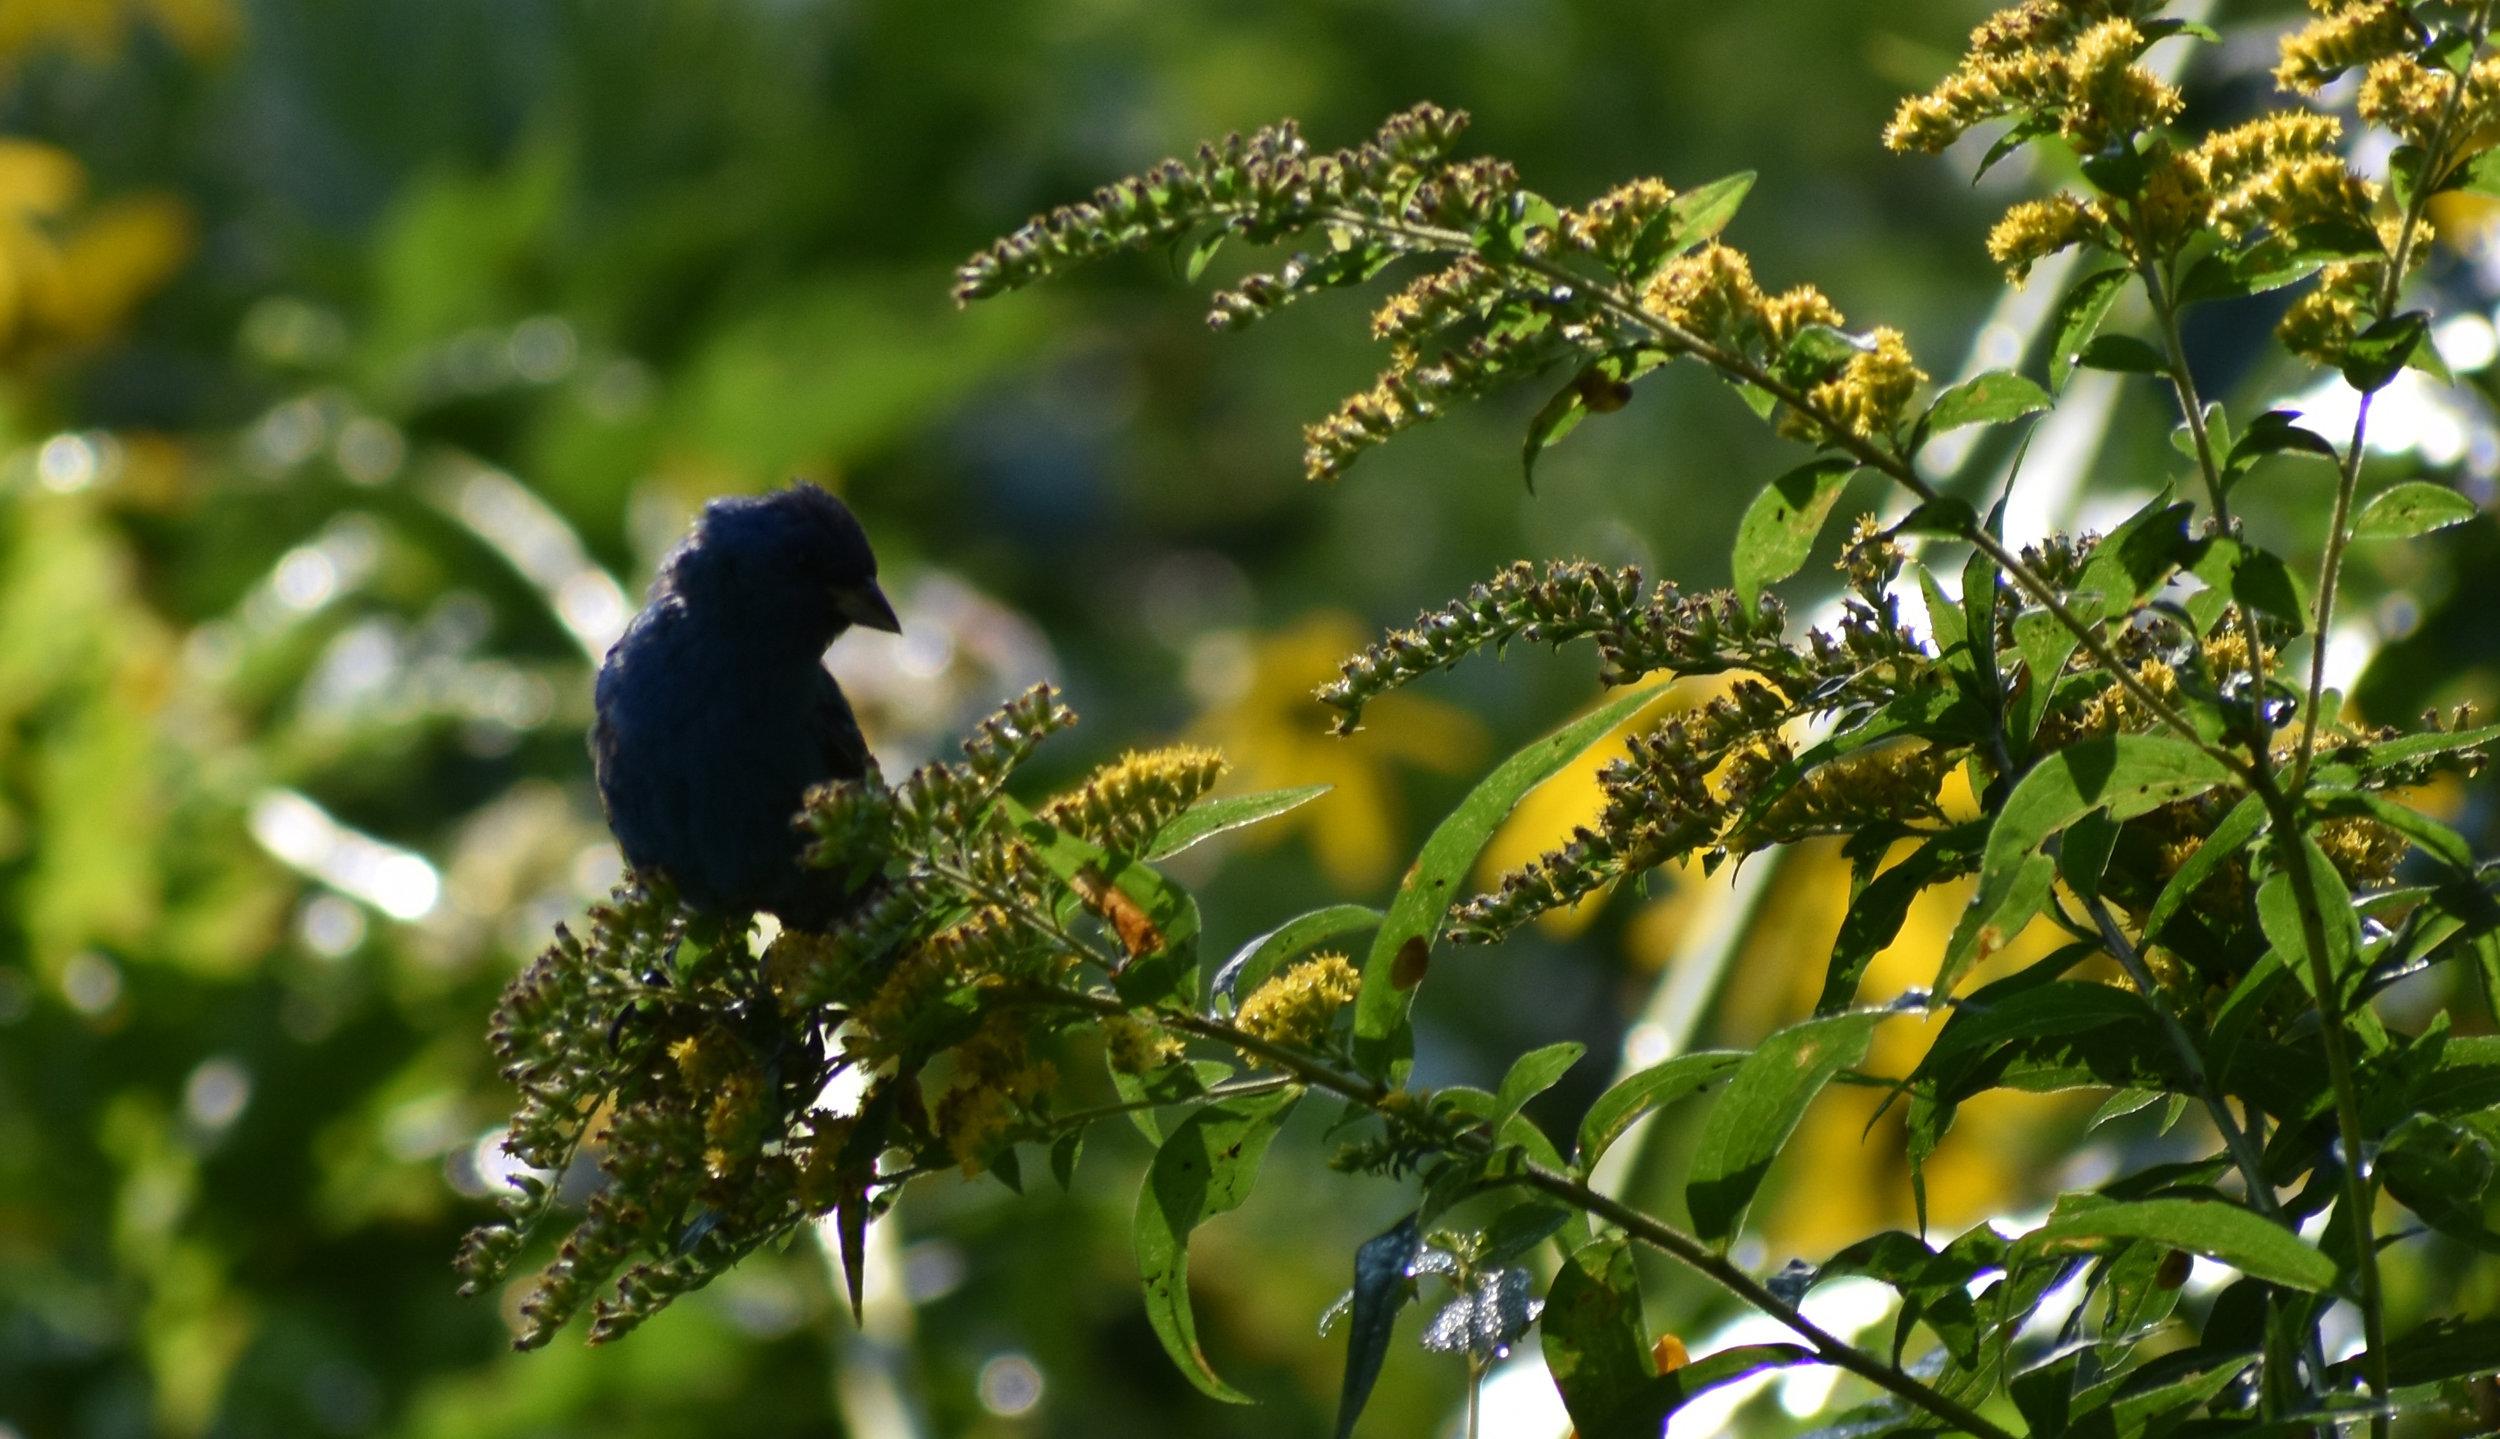 Indigo Bunting eating Goldenrod seeds